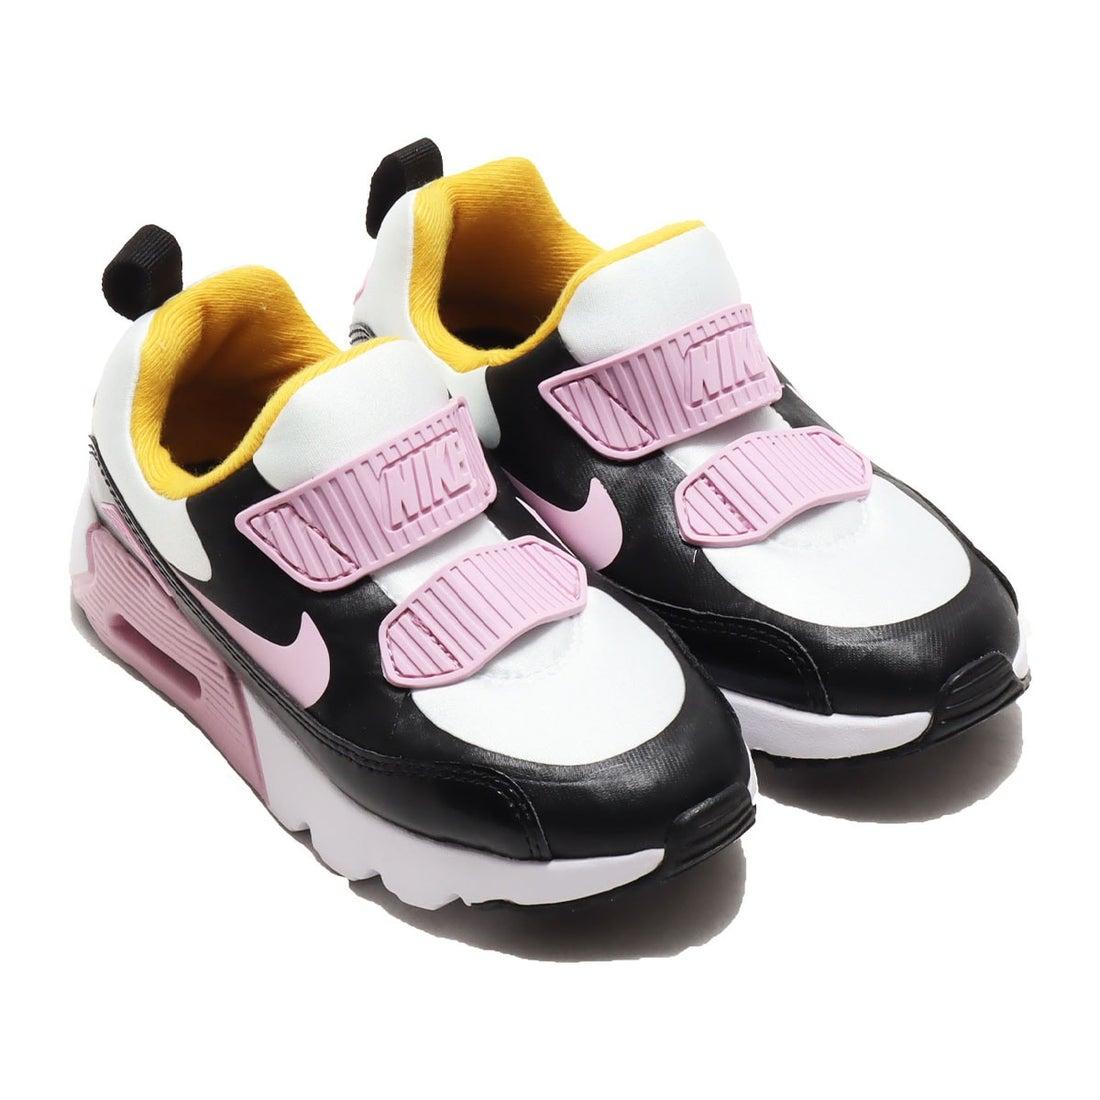 ロコンド 靴とファッションの通販サイトナイキ NIKE AIR MAX TINY 90 (PS) (BLACK)